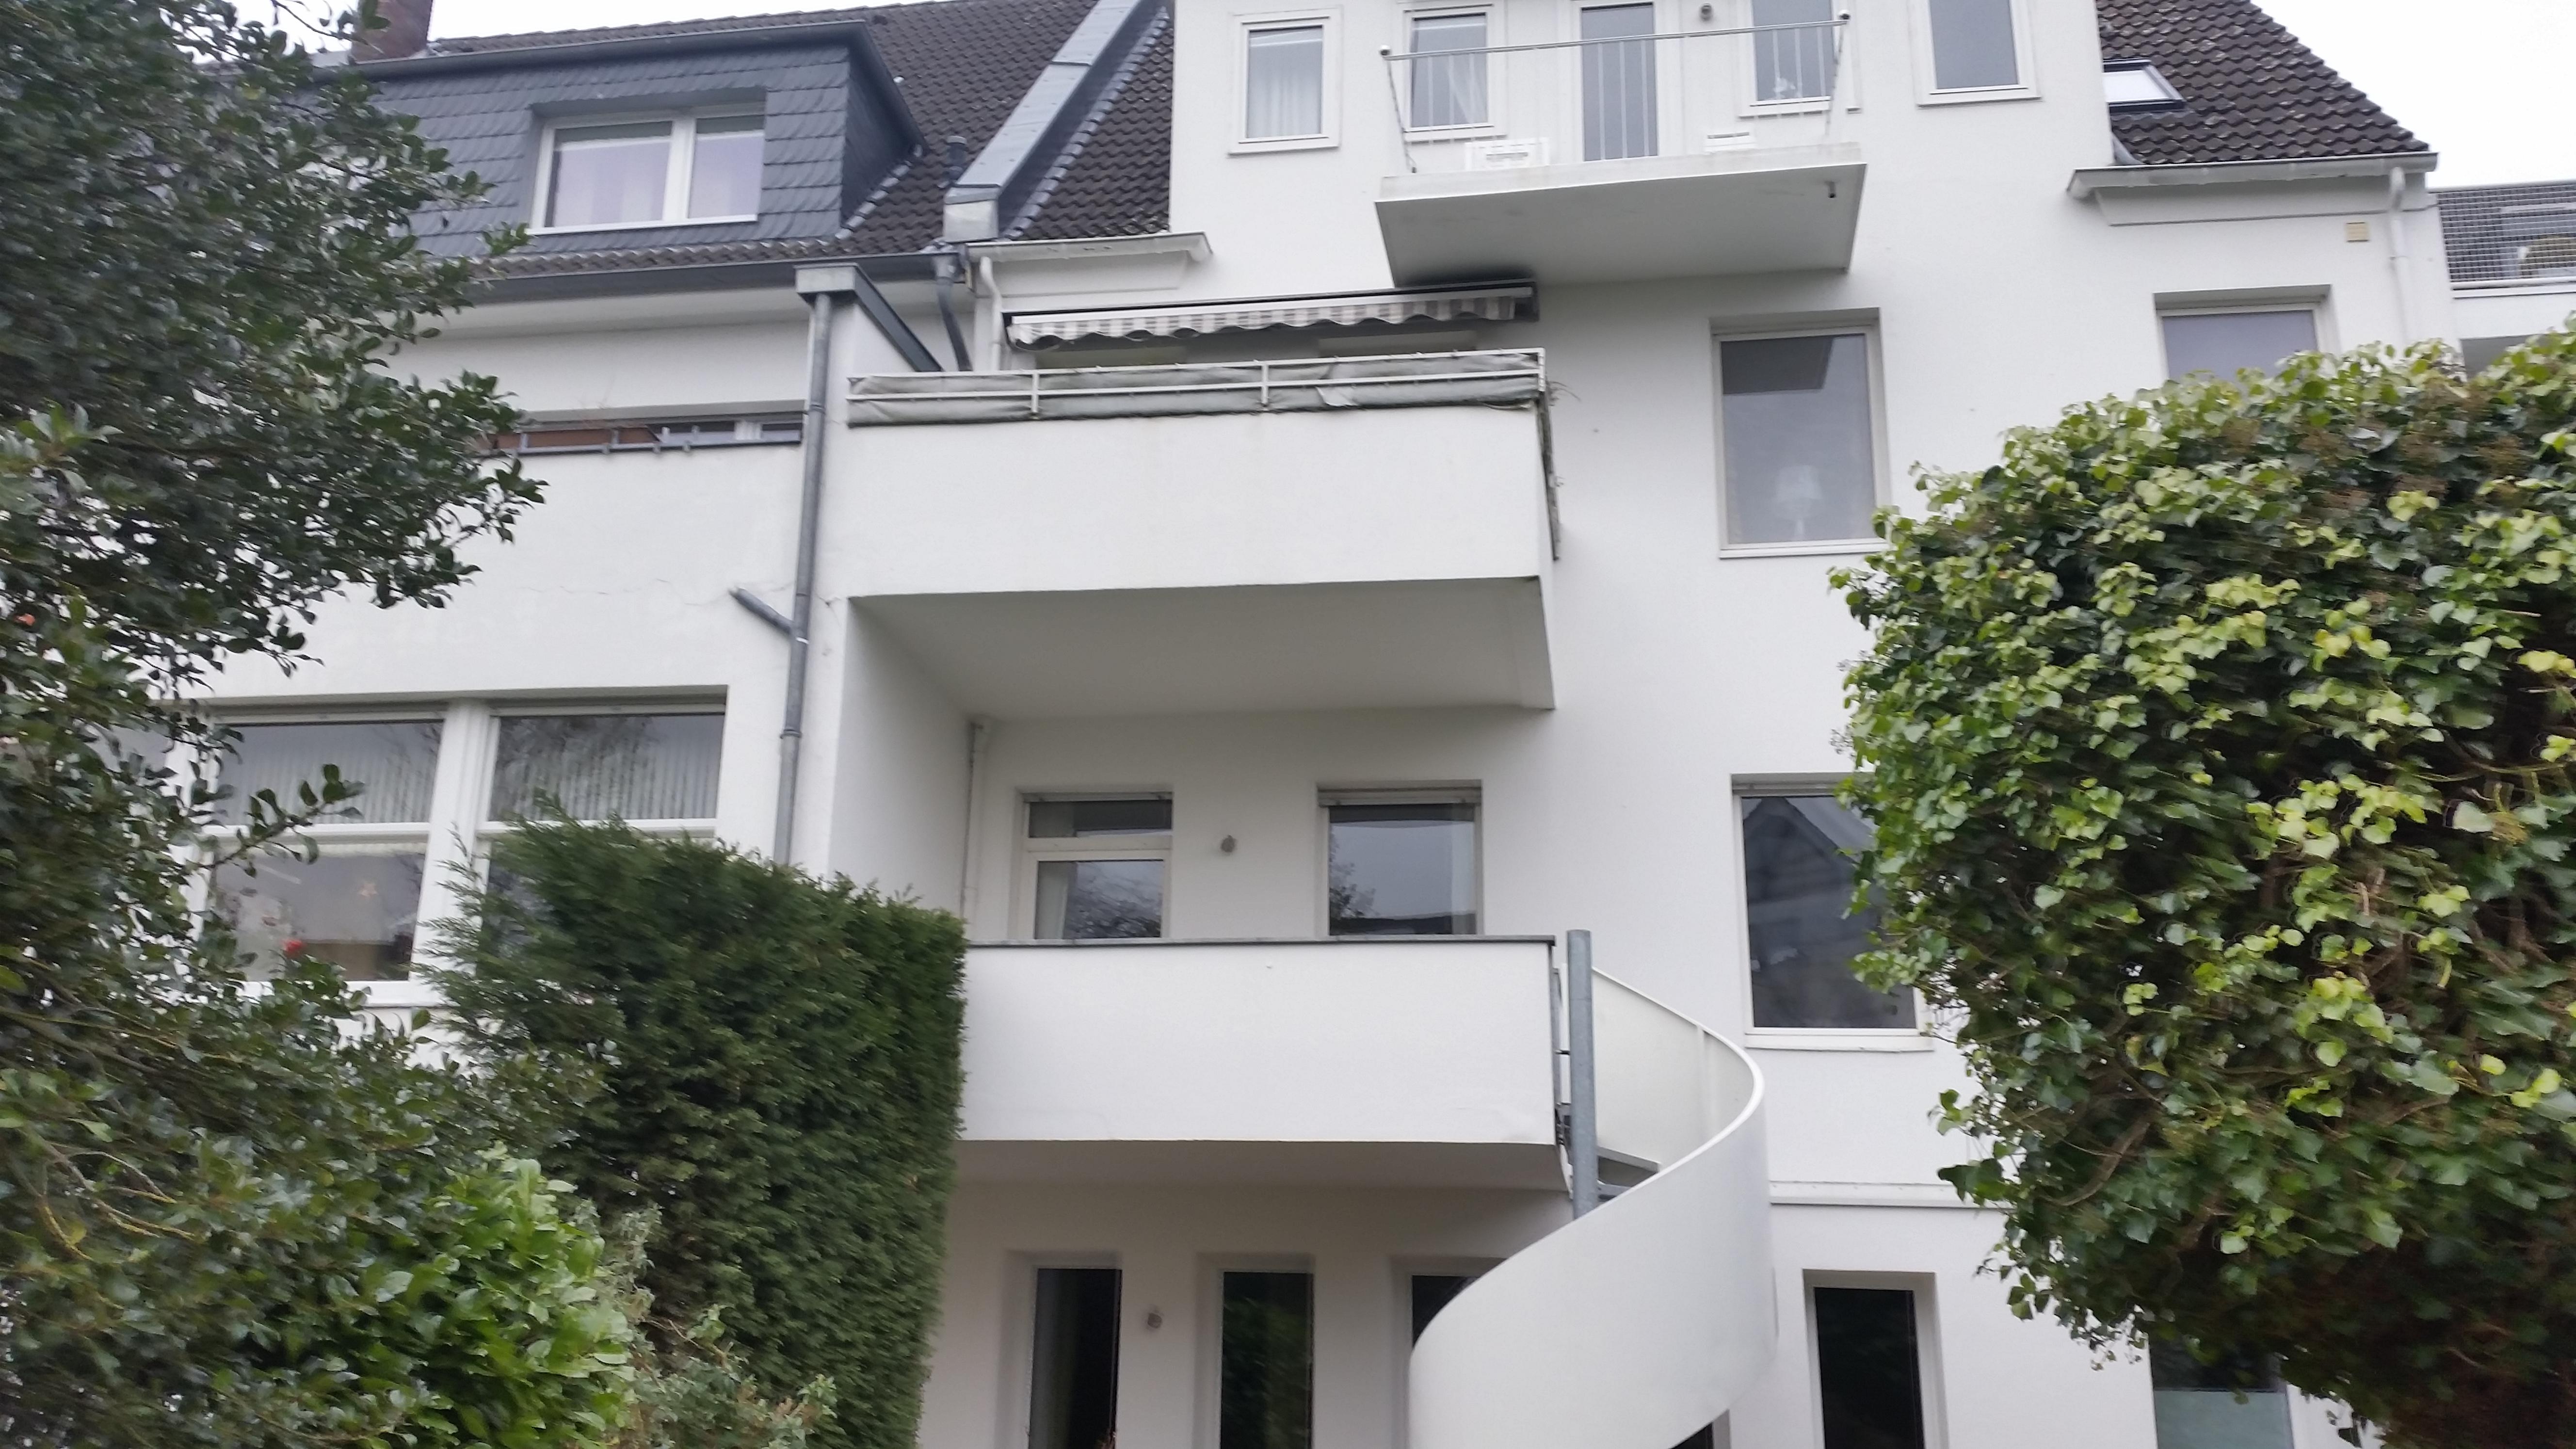 balkon mit katzennetz system gesichert katzennetze nrw der katzennetz profi. Black Bedroom Furniture Sets. Home Design Ideas